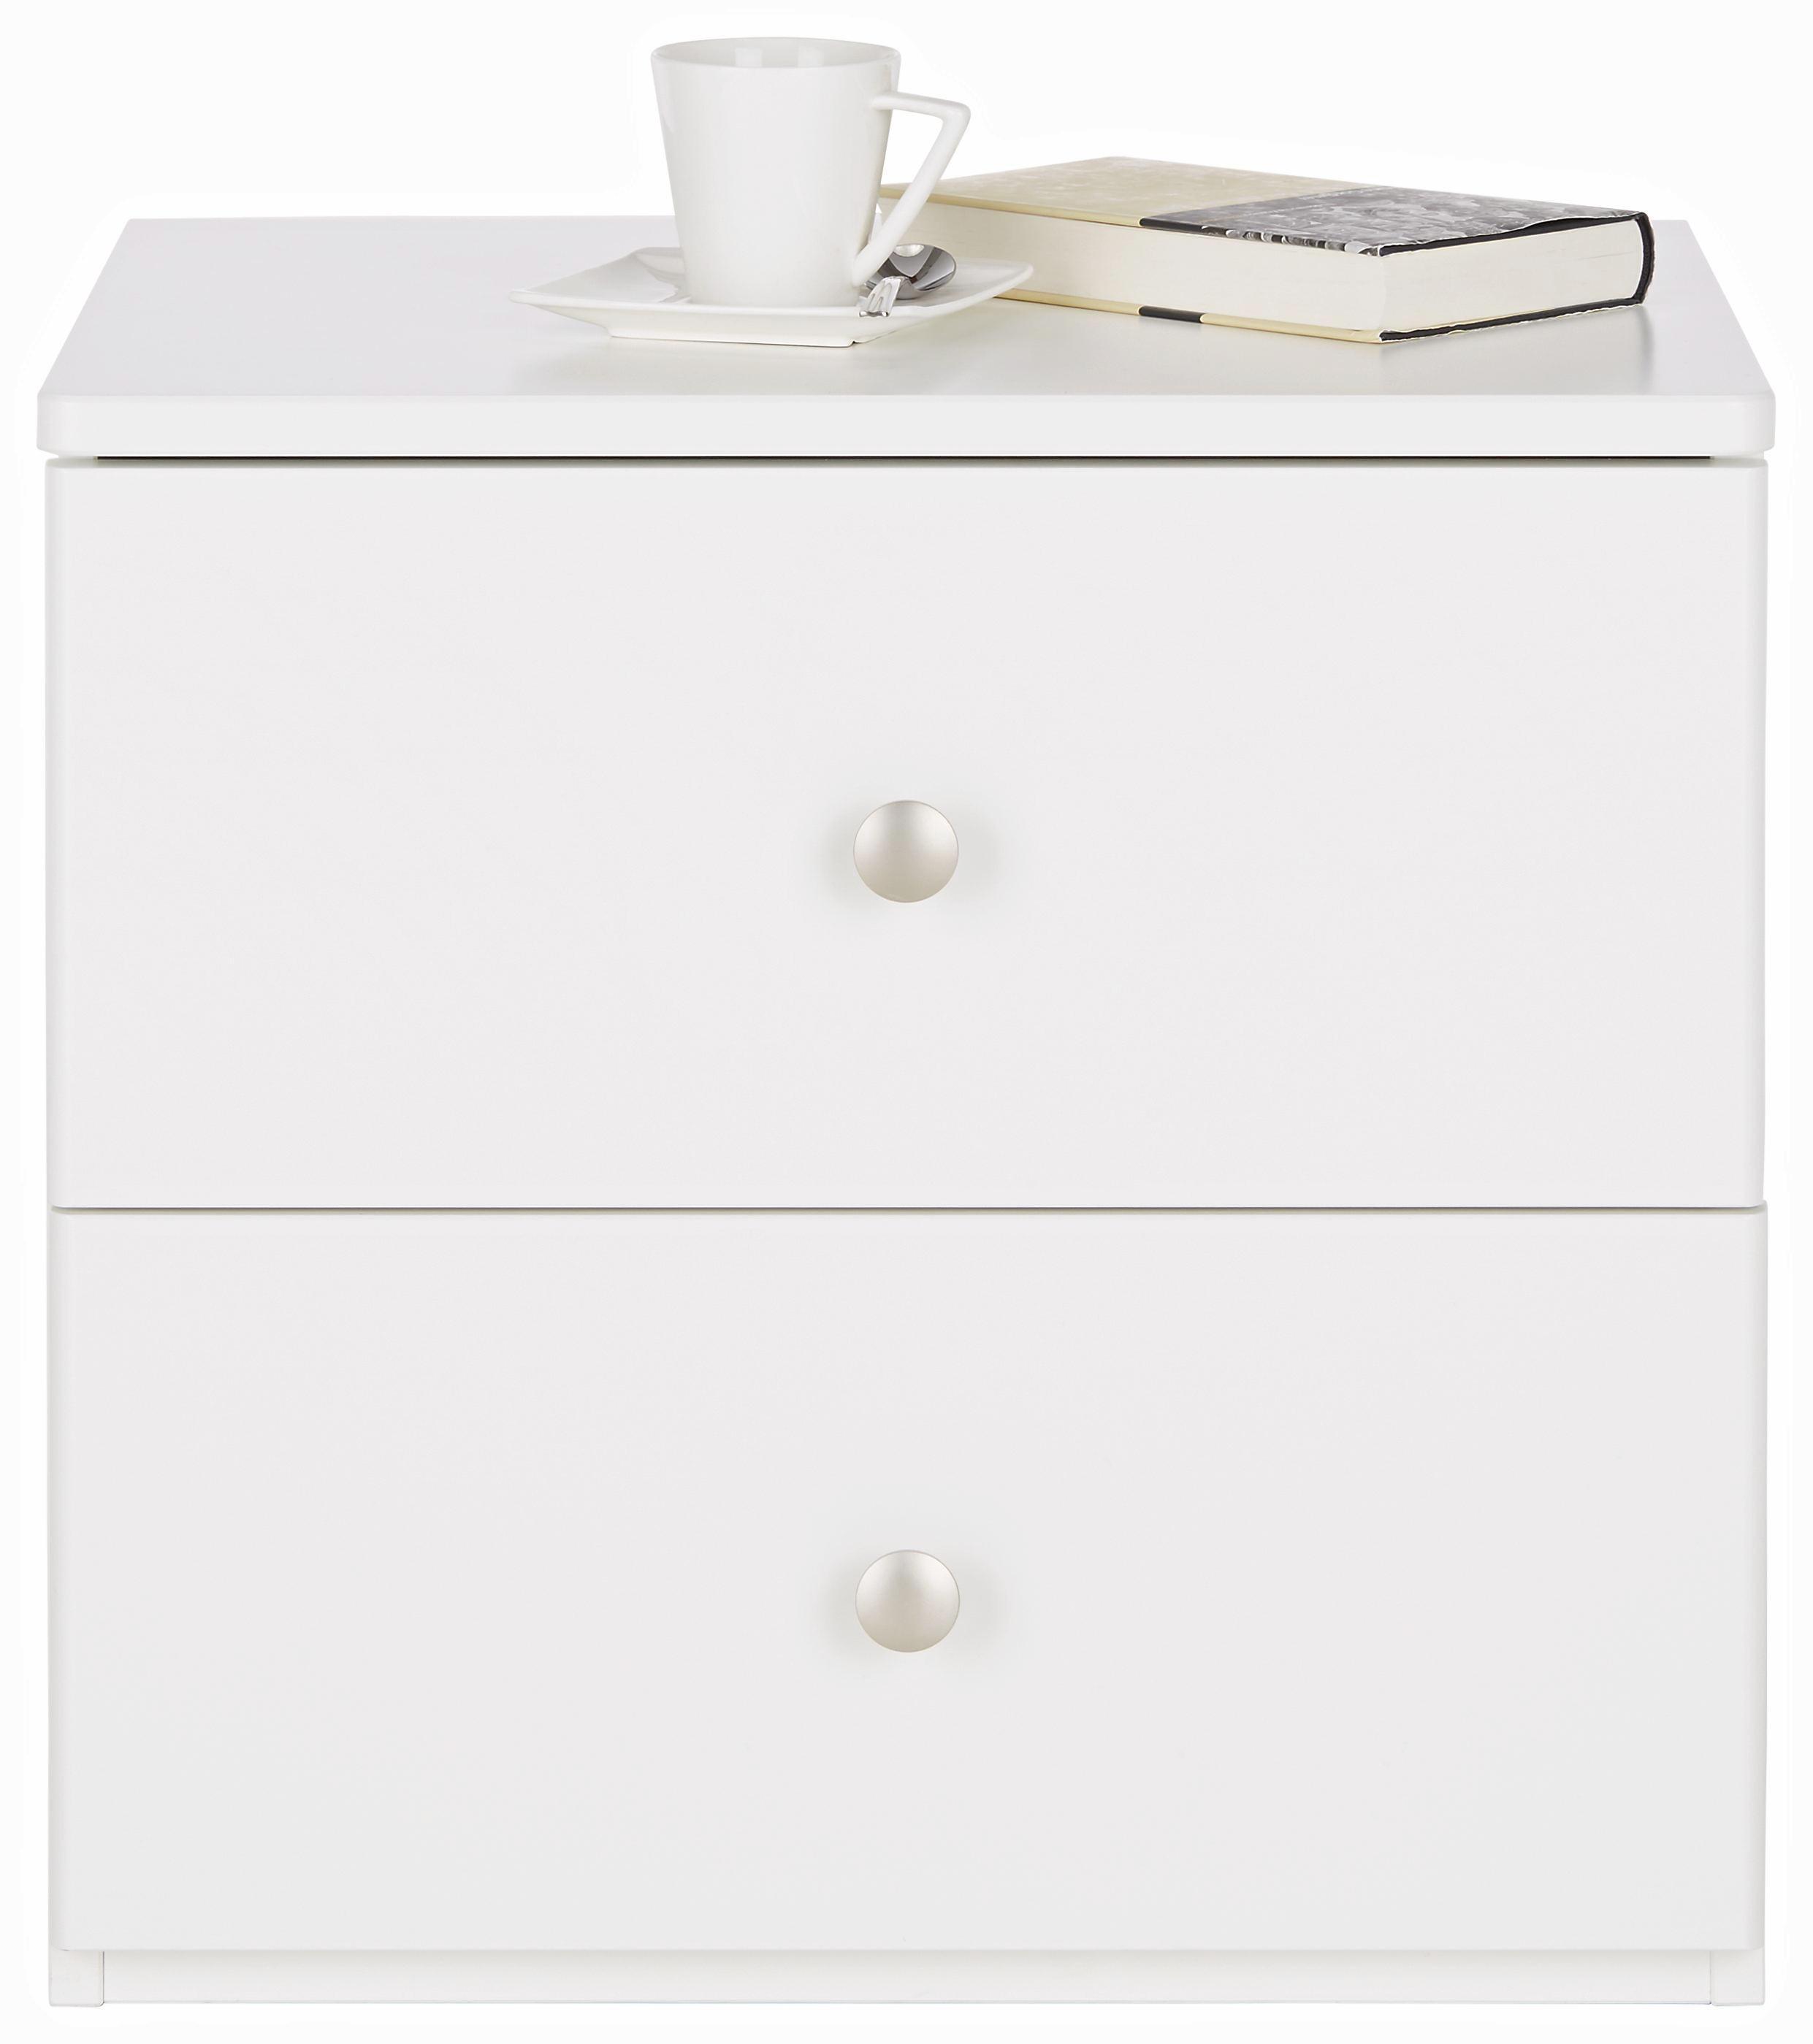 Nachtkästchen in Weiß - Silberfarben/Weiß, ROMANTIK / LANDHAUS, Holzwerkstoff/Metall (50/48/40cm) - ZANDIARA